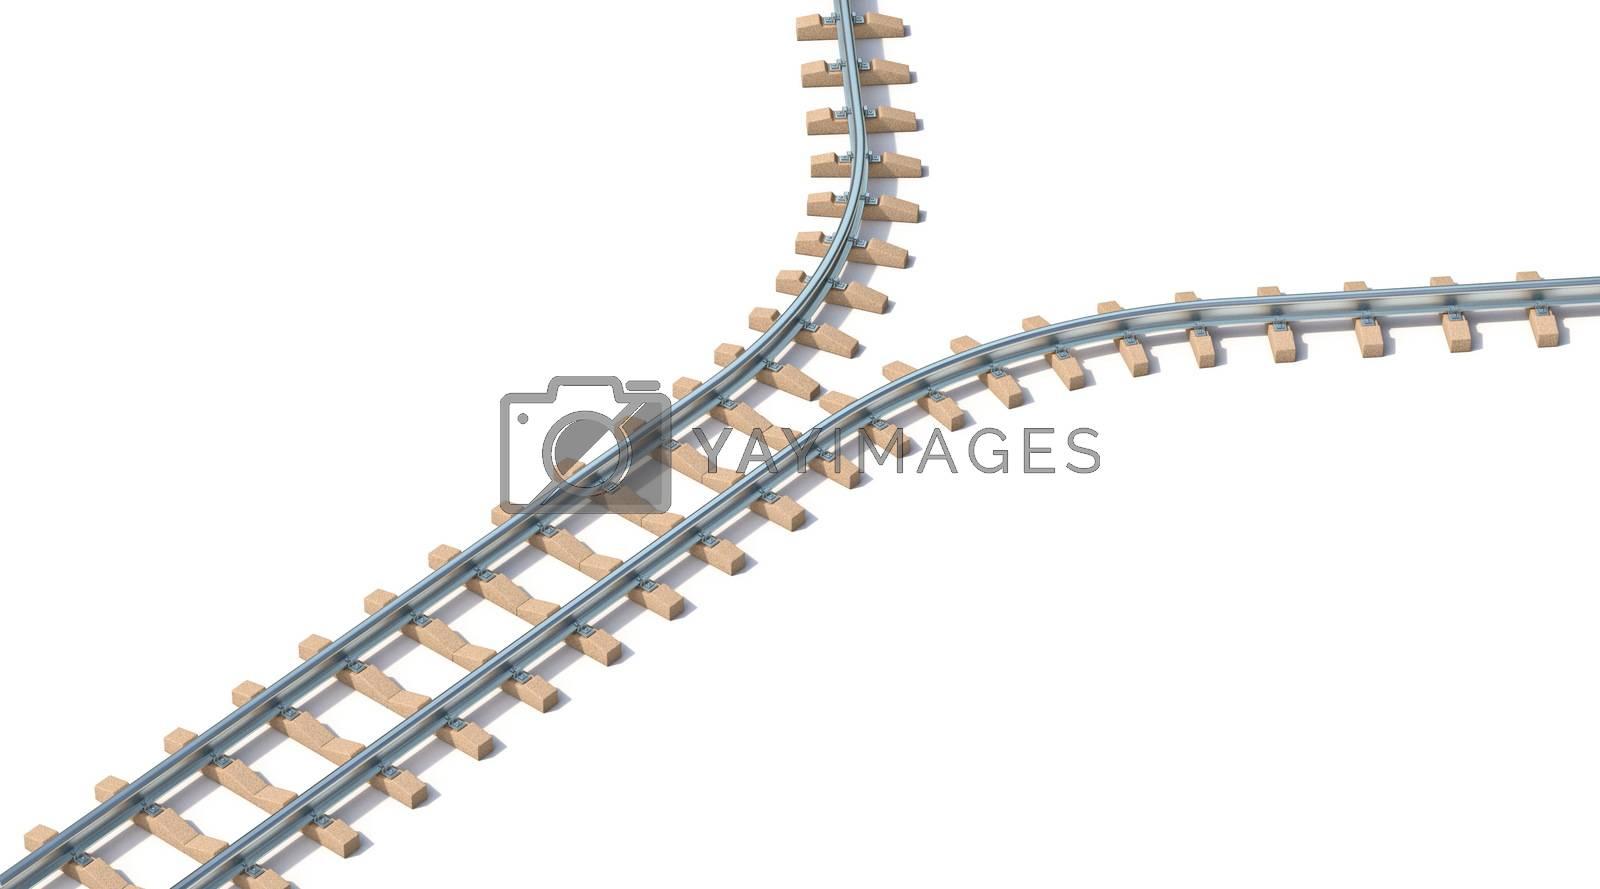 Split railway 3D render illustration isolated on white background